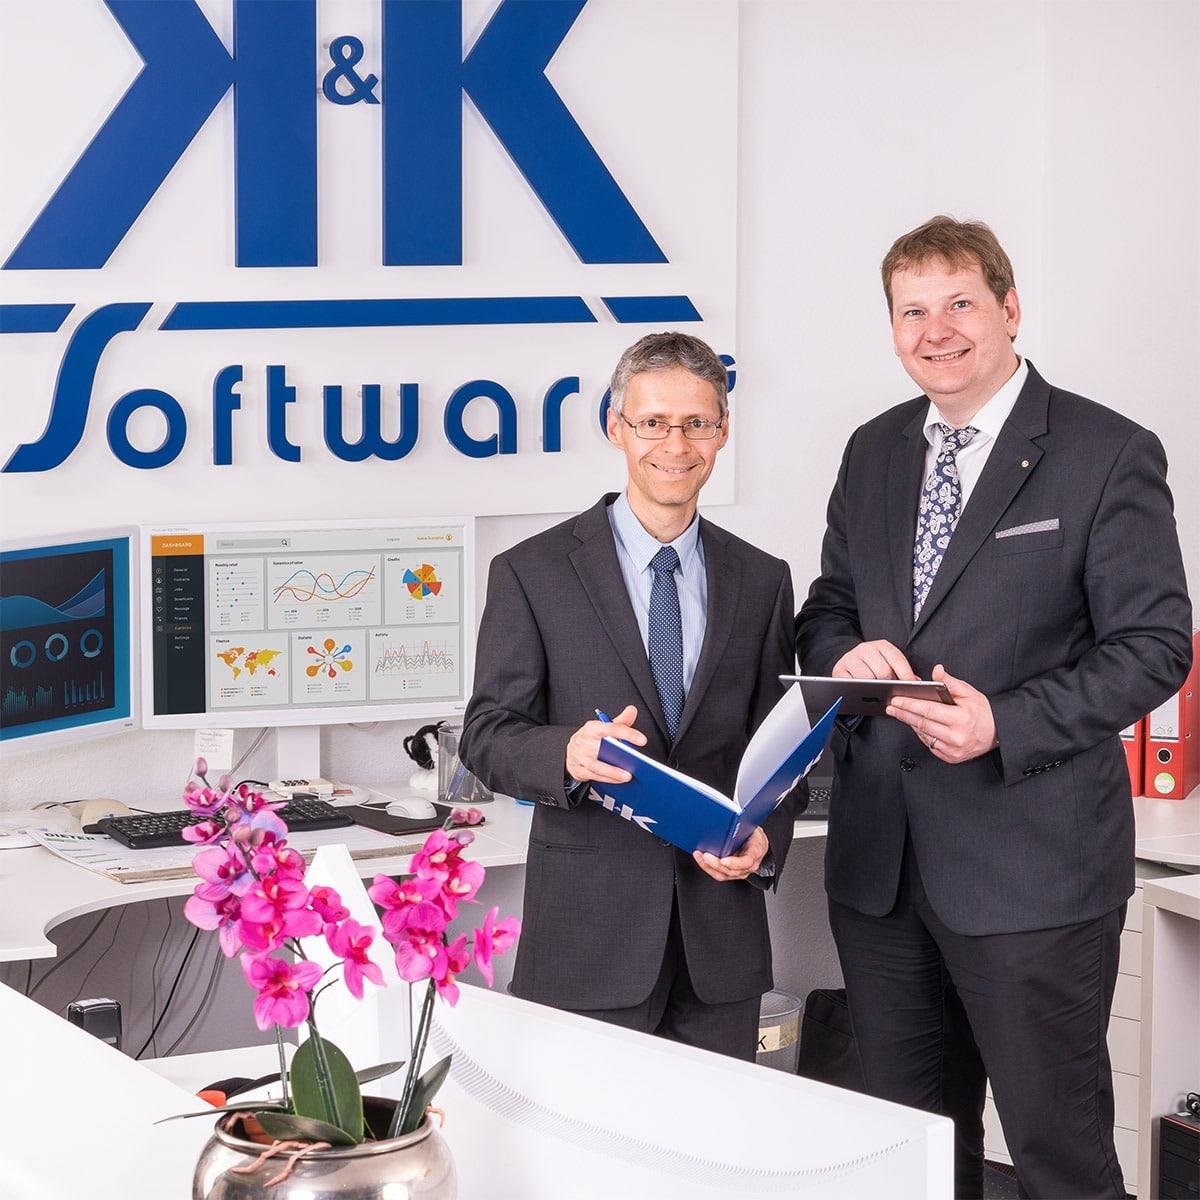 Das Foto zeigt die Vorstände und Gründer der K&K Software AG Arnulf Koch und Armin Krauß